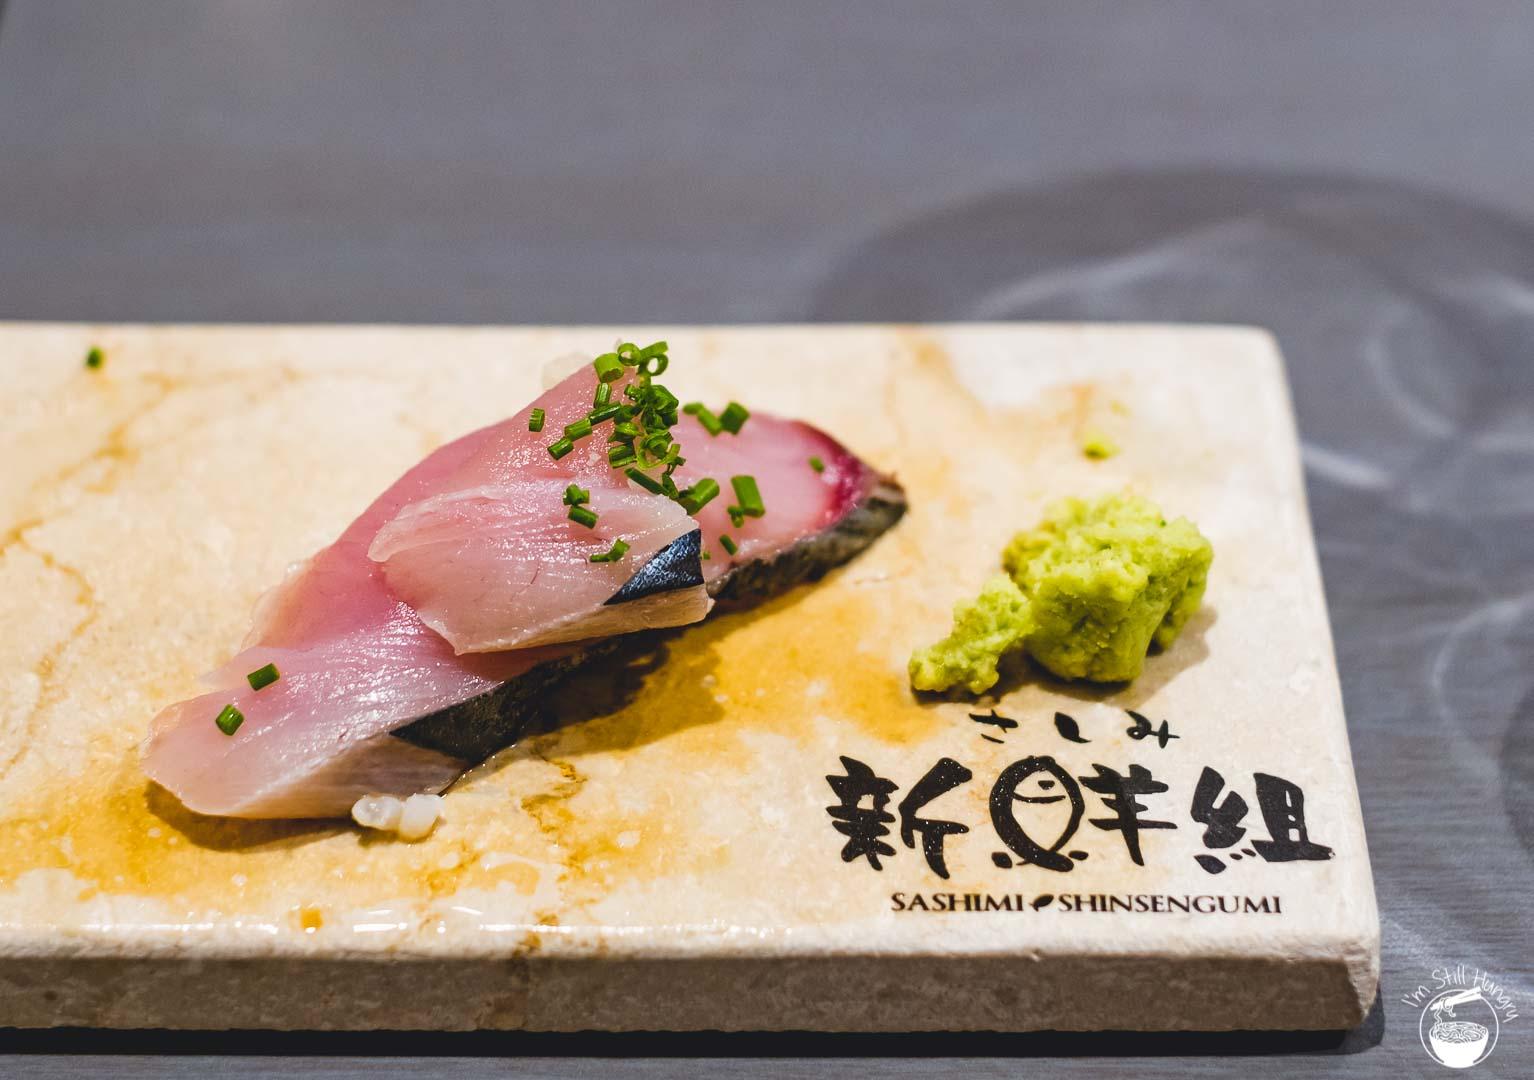 Sashimi Shinsengumi Crows Nest Sushi Omakase Bonito